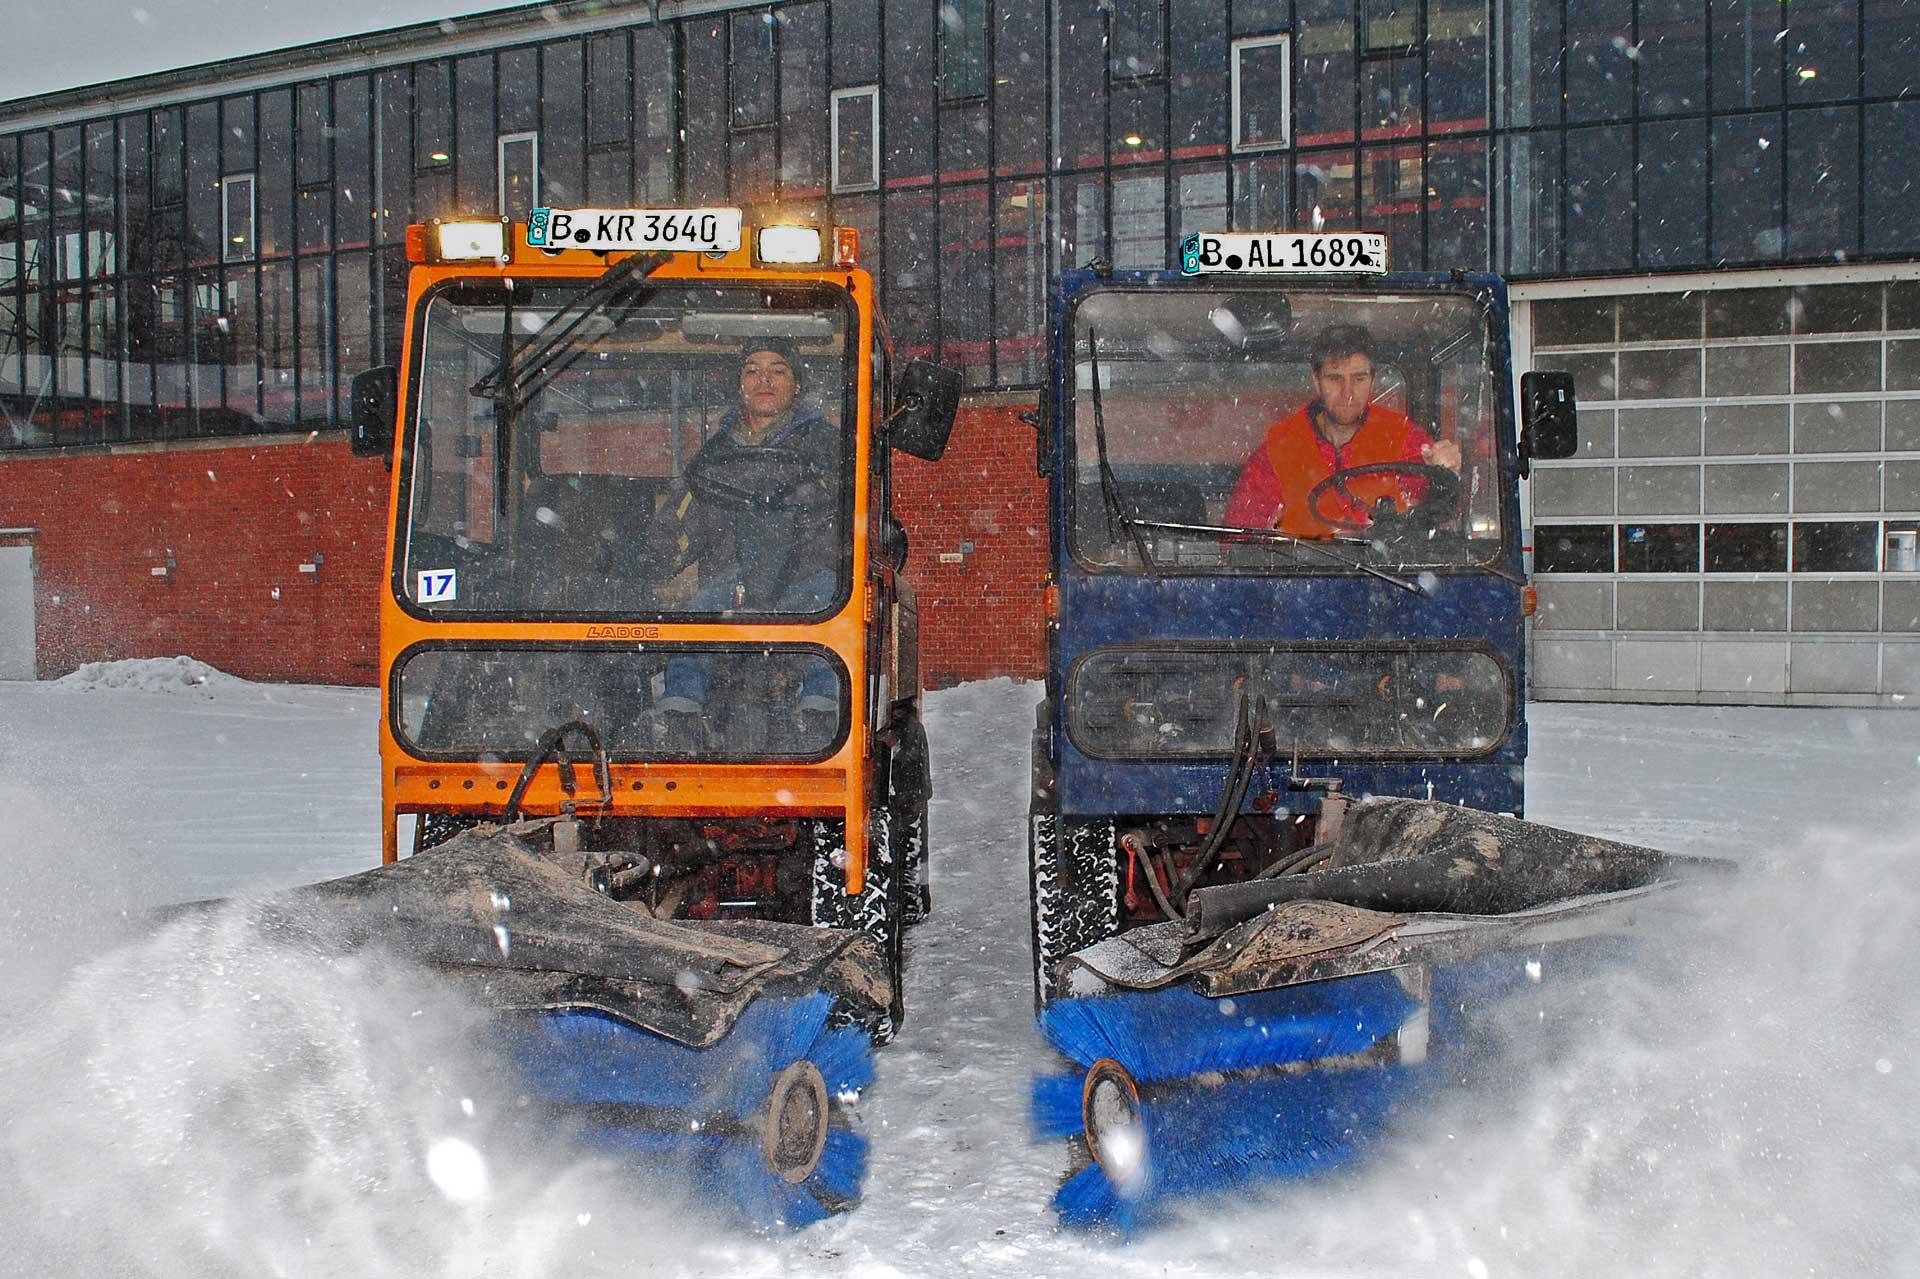 Winterdienst Berlin IM NORDEN GmbH